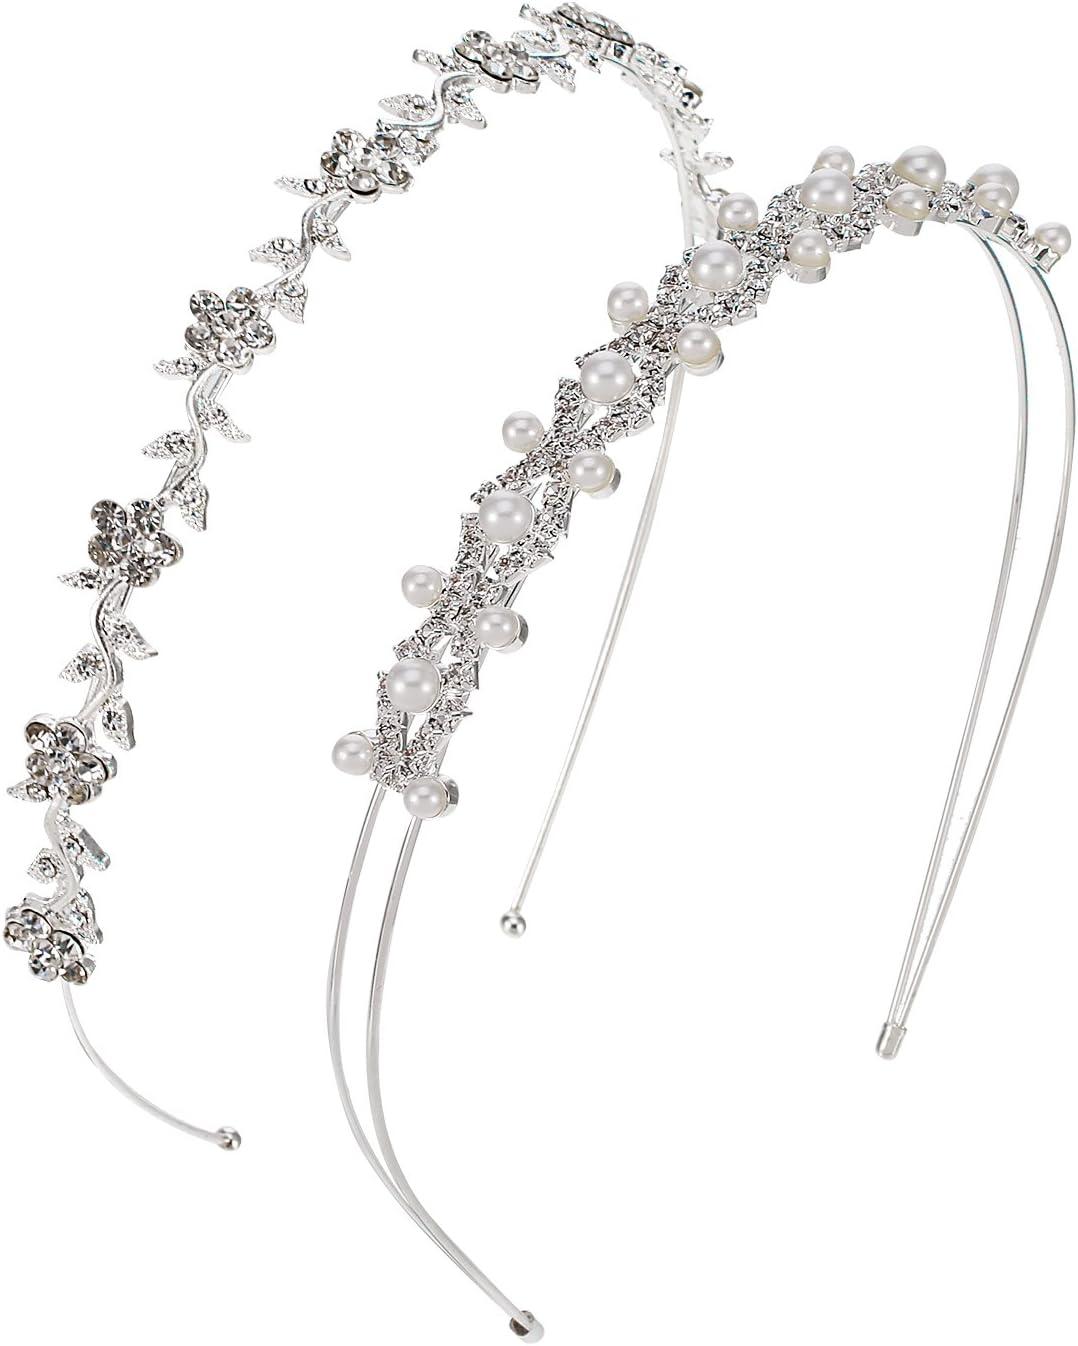 Tiara color argento con fiori su /& DIAMANTEE viene fornito su una fascia per capelli